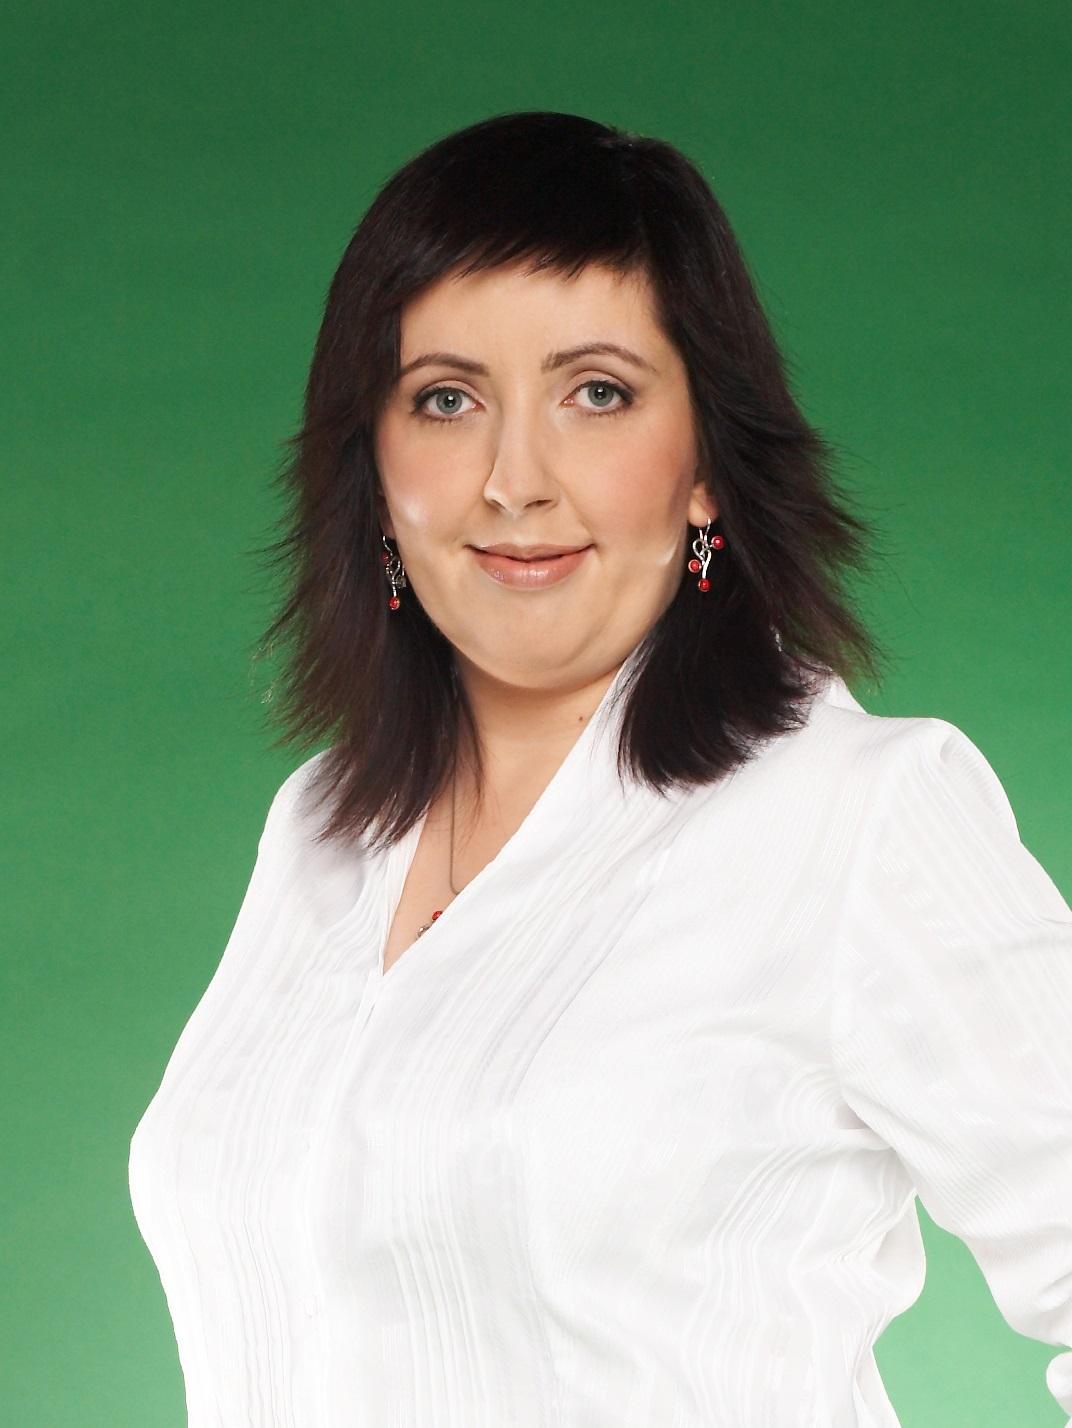 Małgorzata Szcześniak